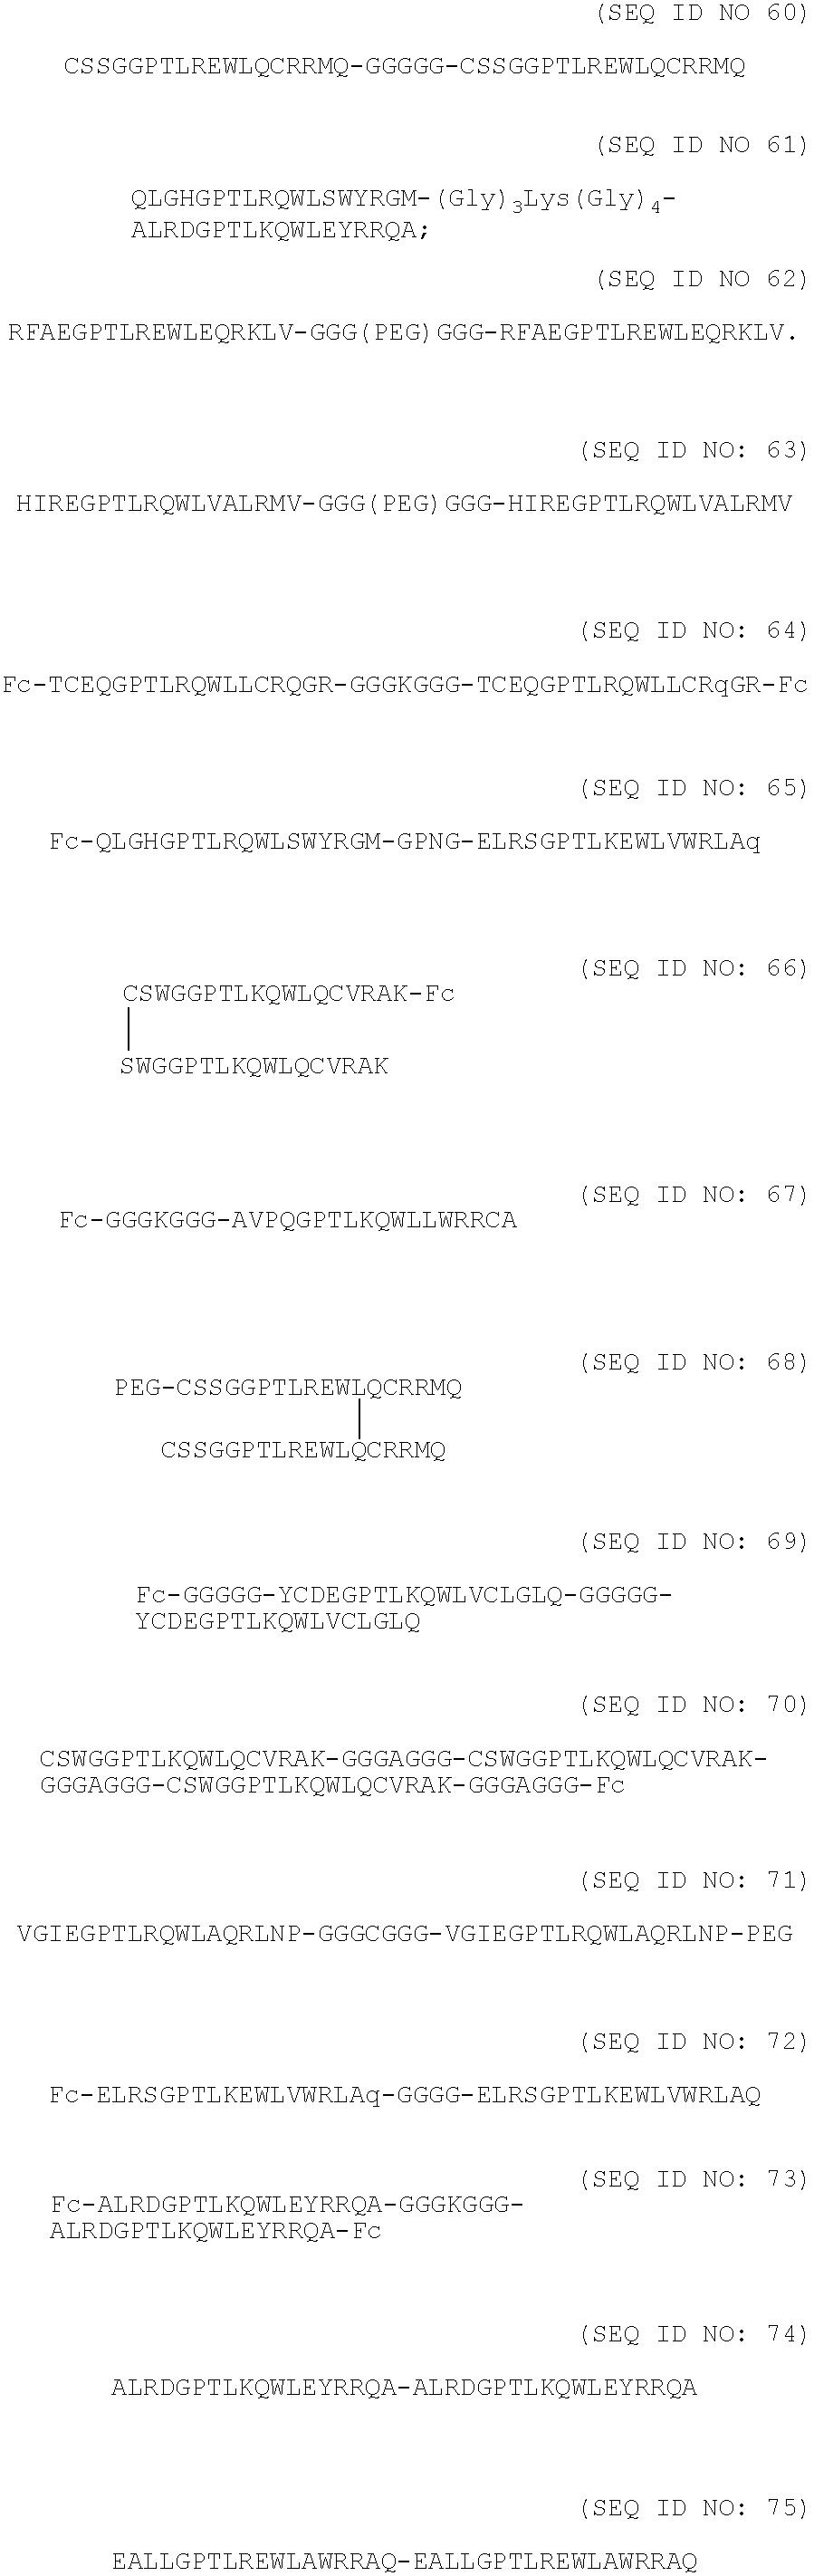 Figure US09012605-20150421-C00003